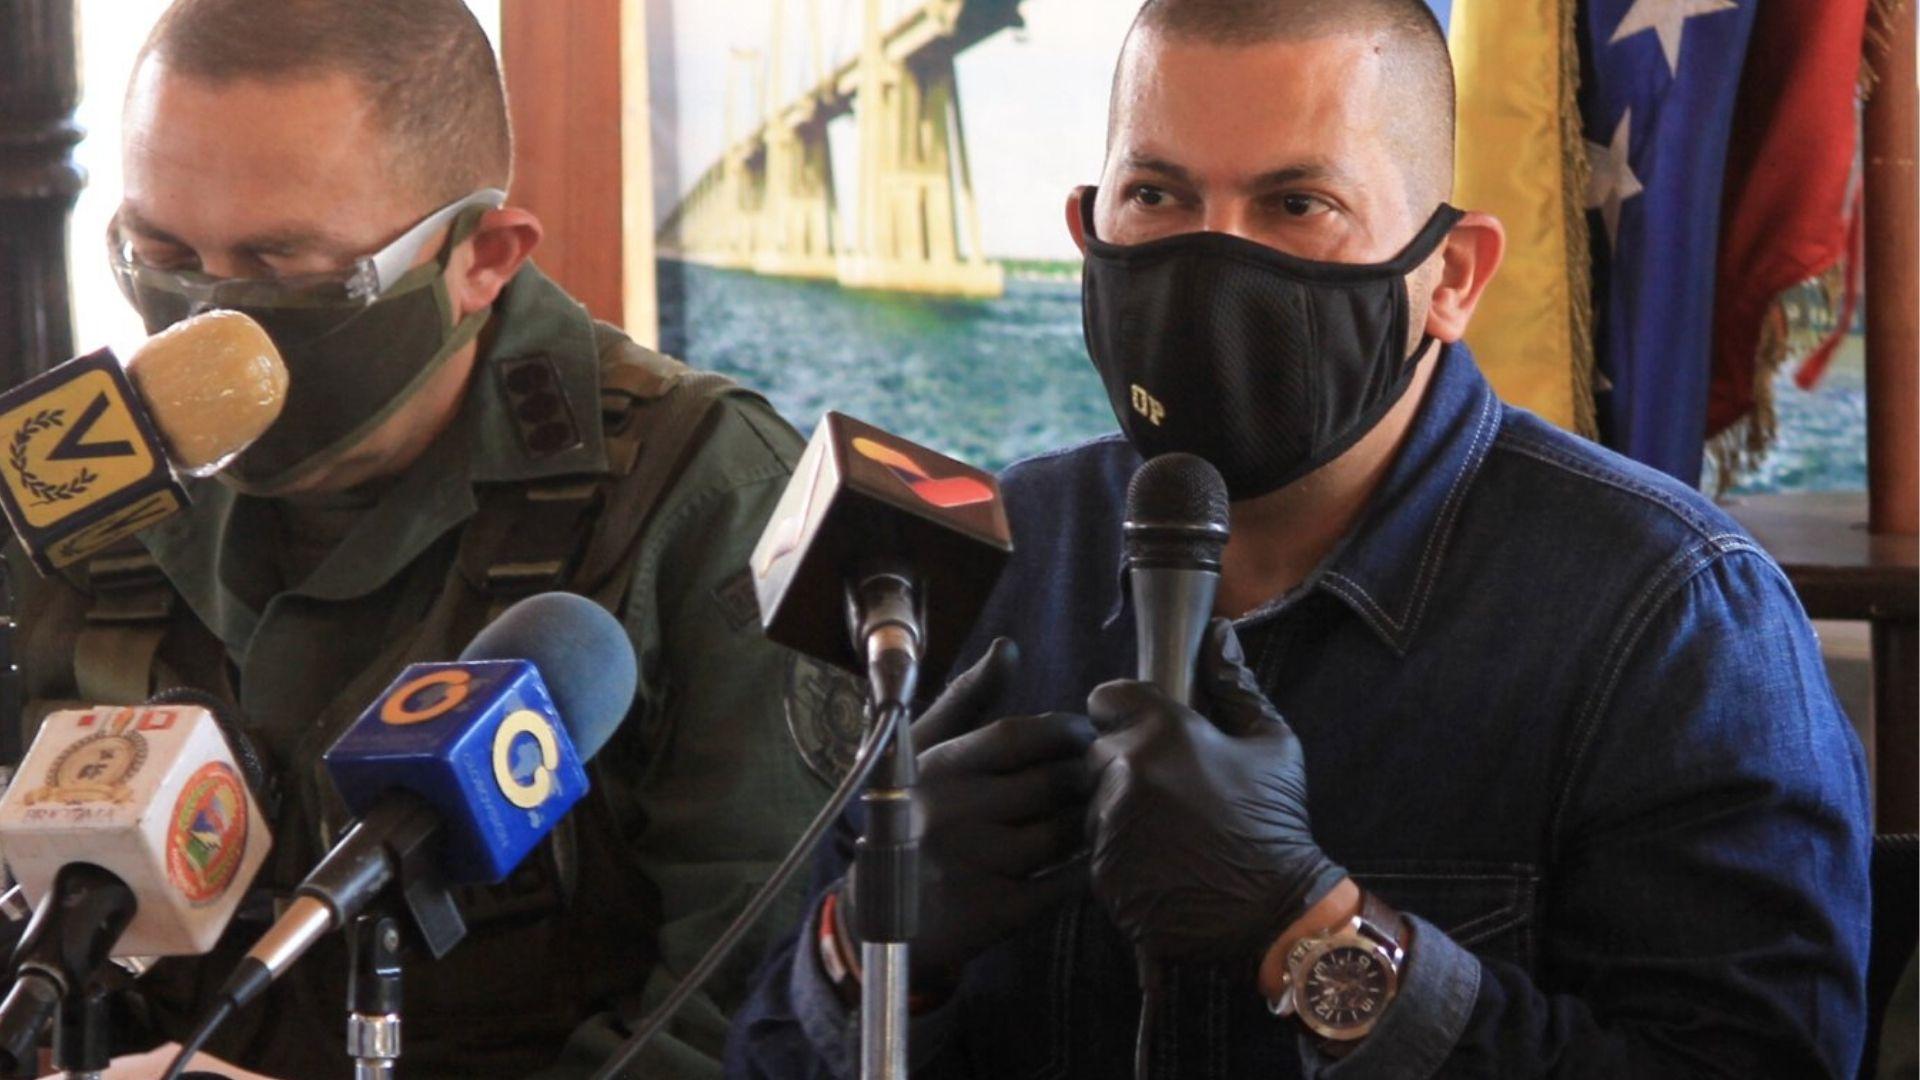 Sancionarán a comerciantes que violen la cuarentena en Zulia